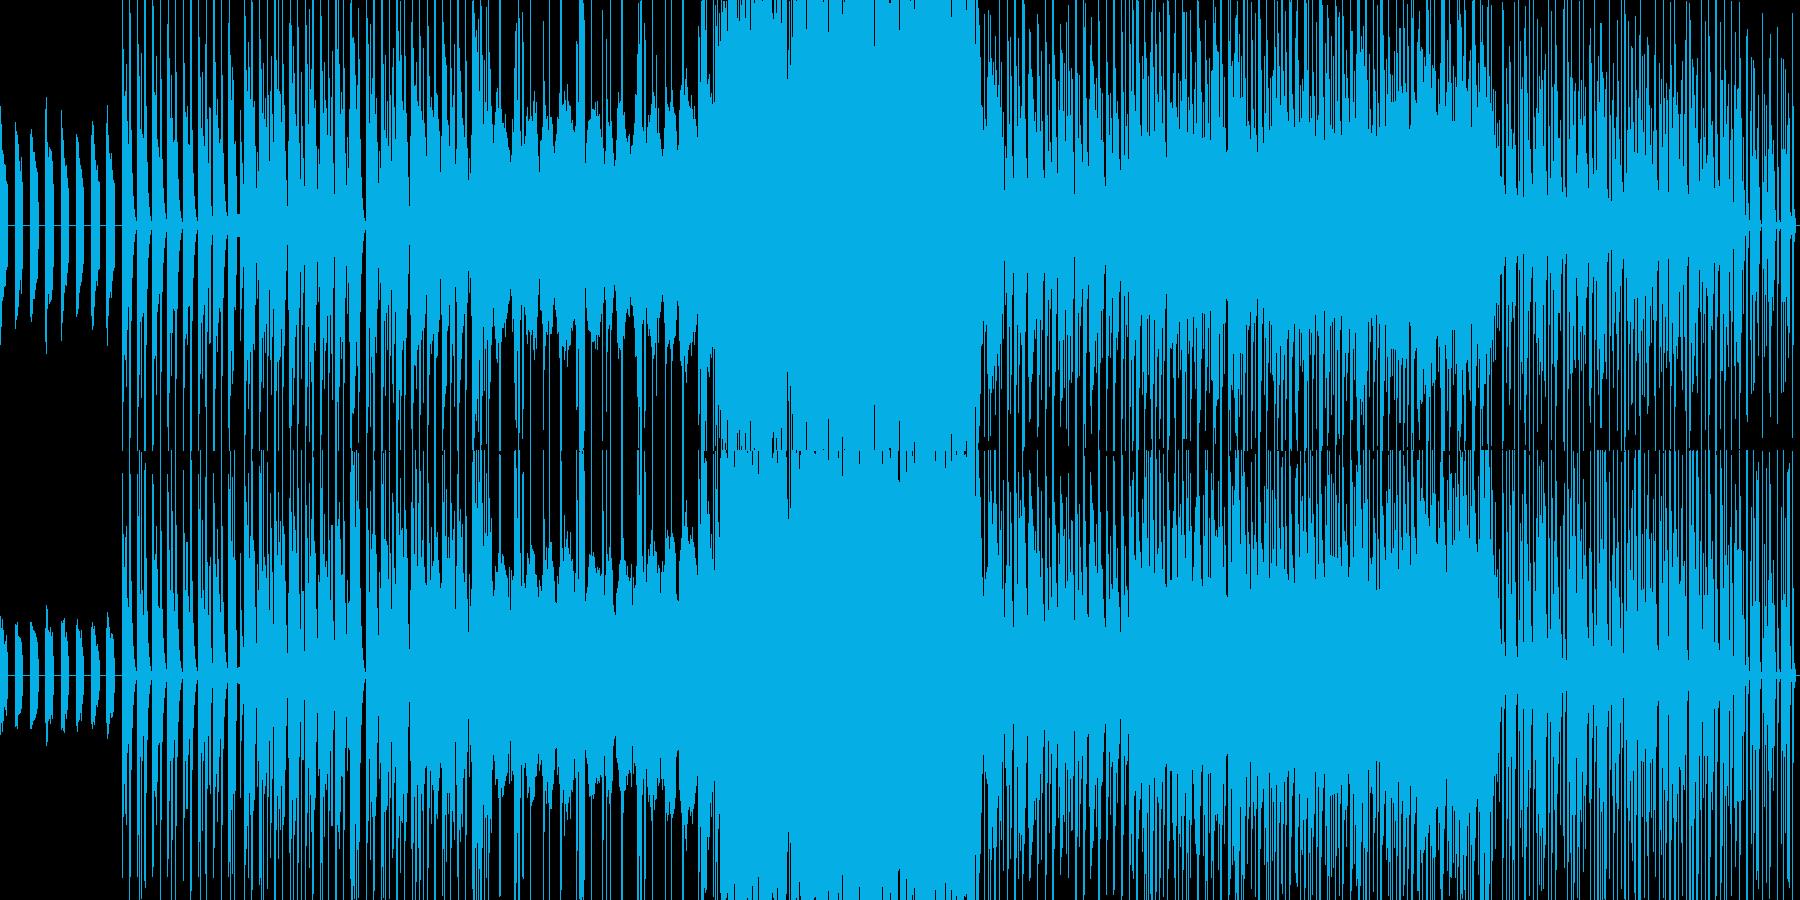 ピアノとストリングスの劇伴風テーマ曲の再生済みの波形